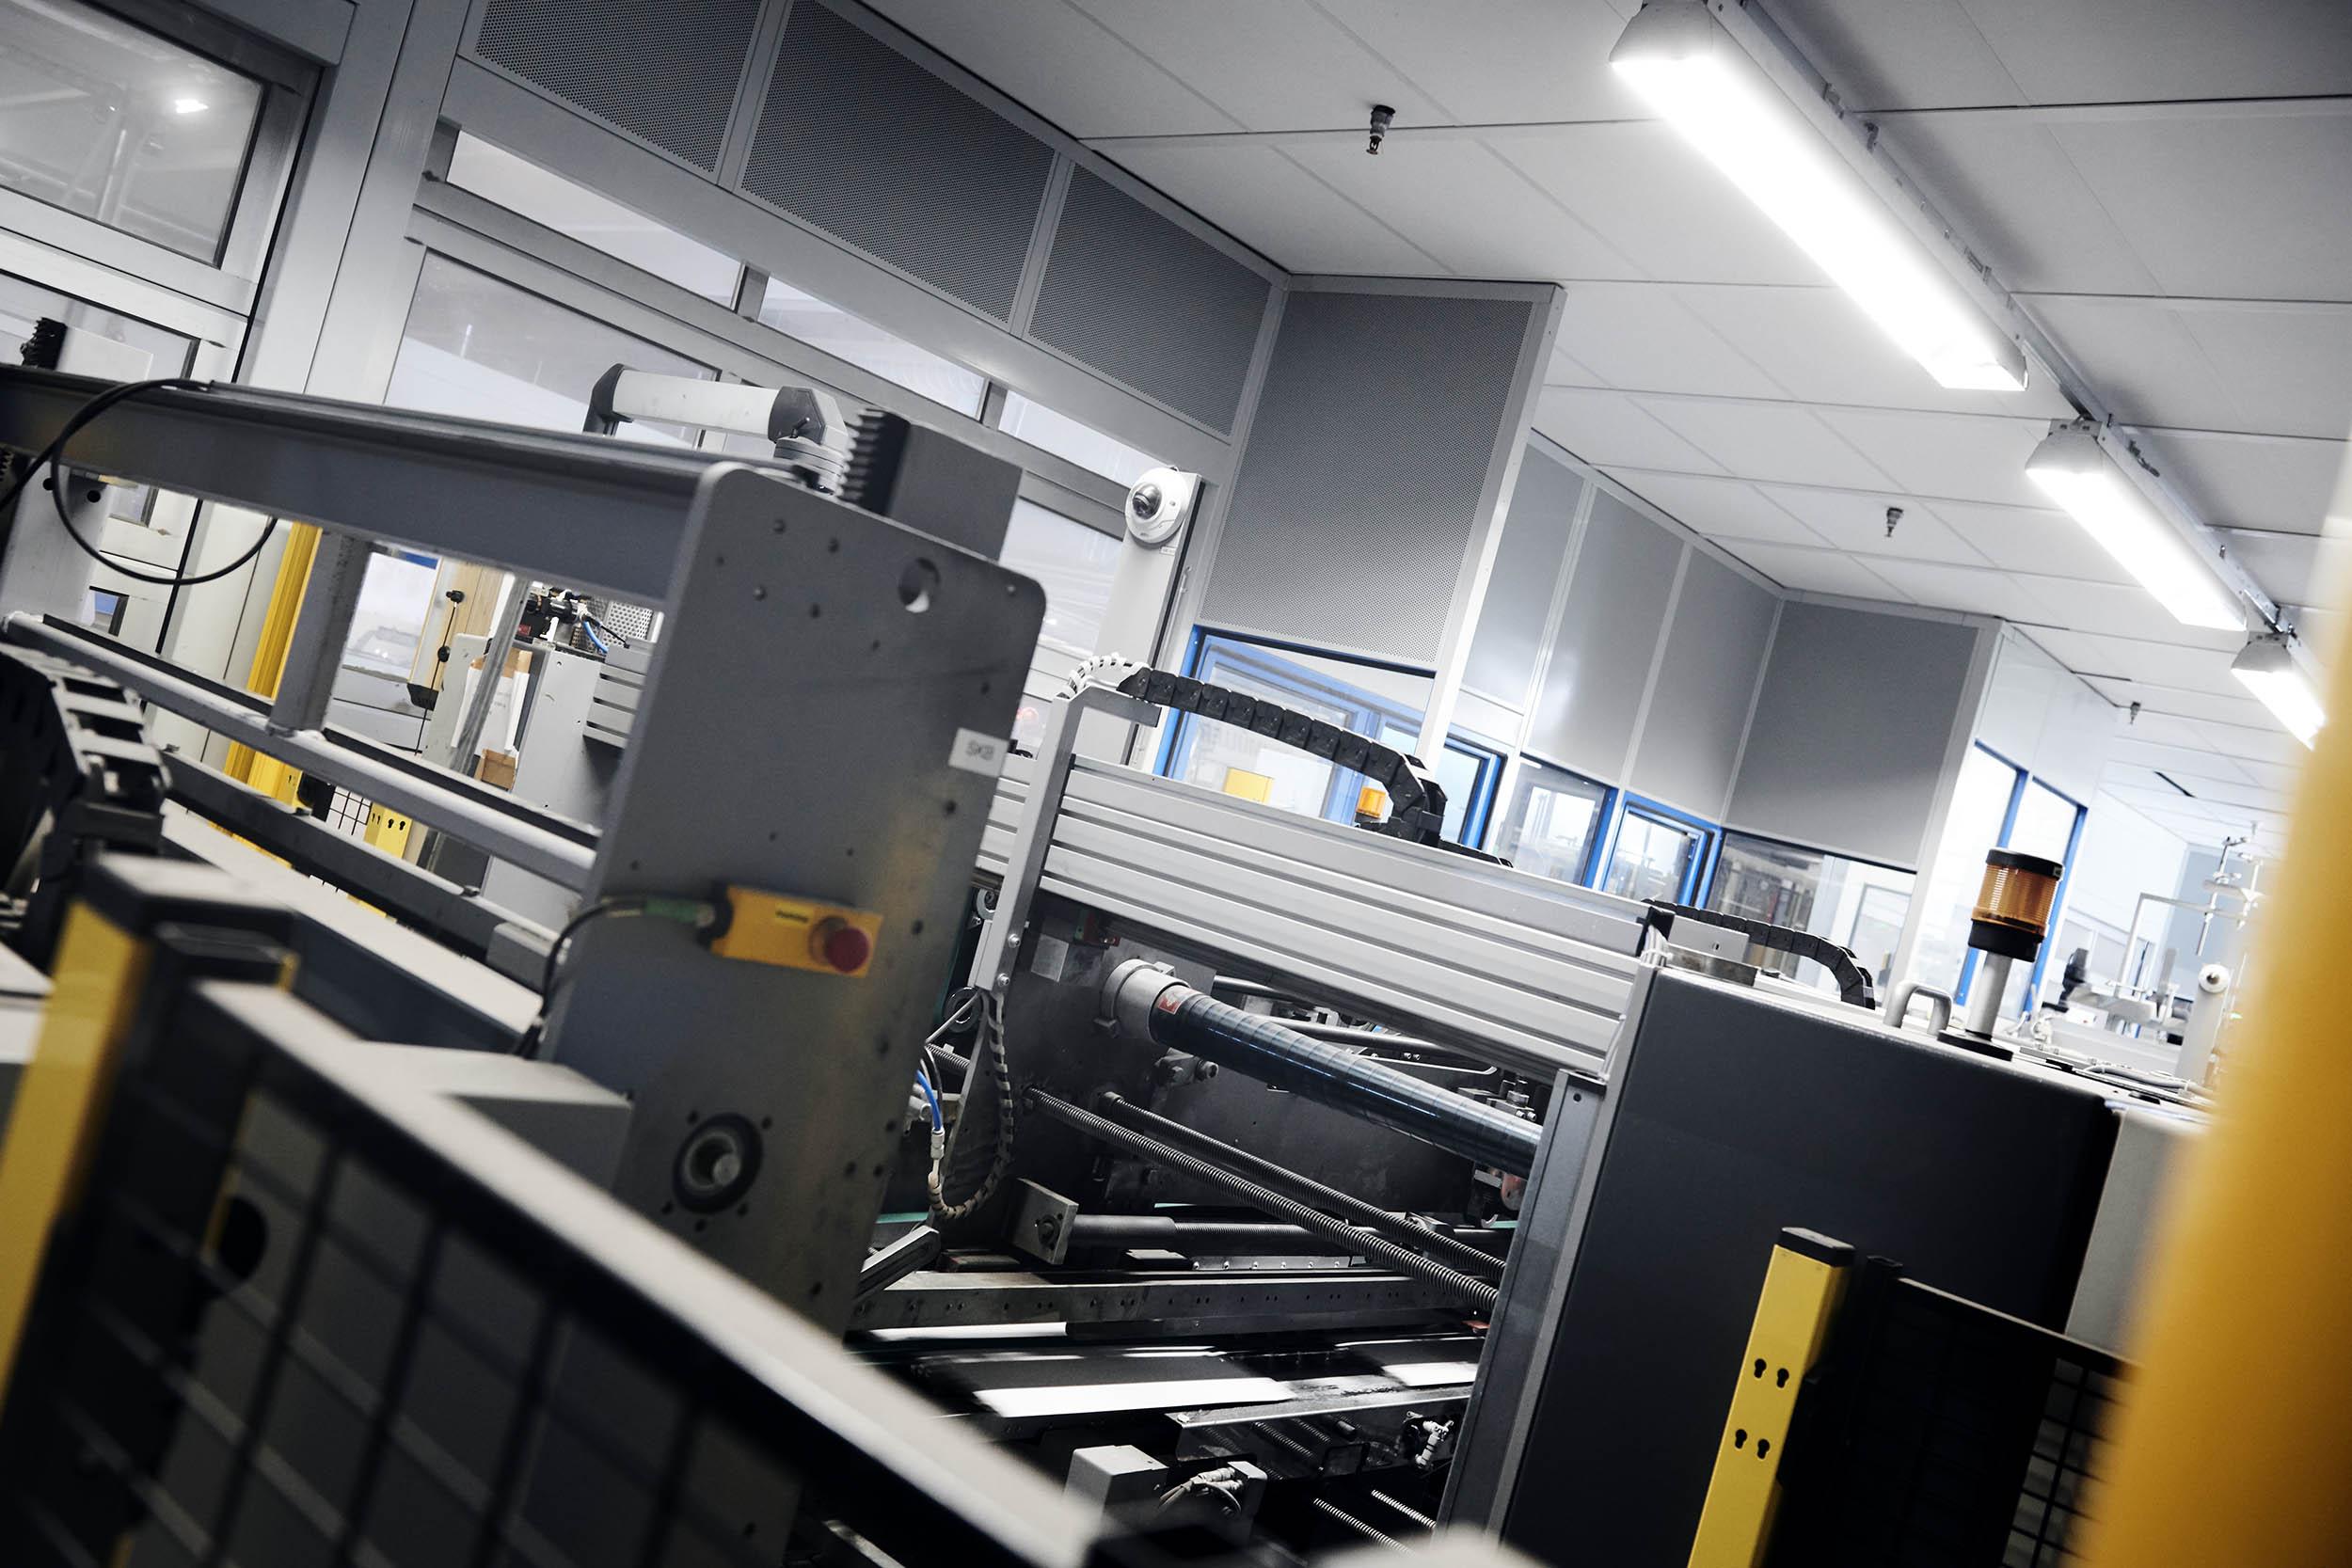 Indkapsling af maskine set indefra, bemærk akustik reguleringen.